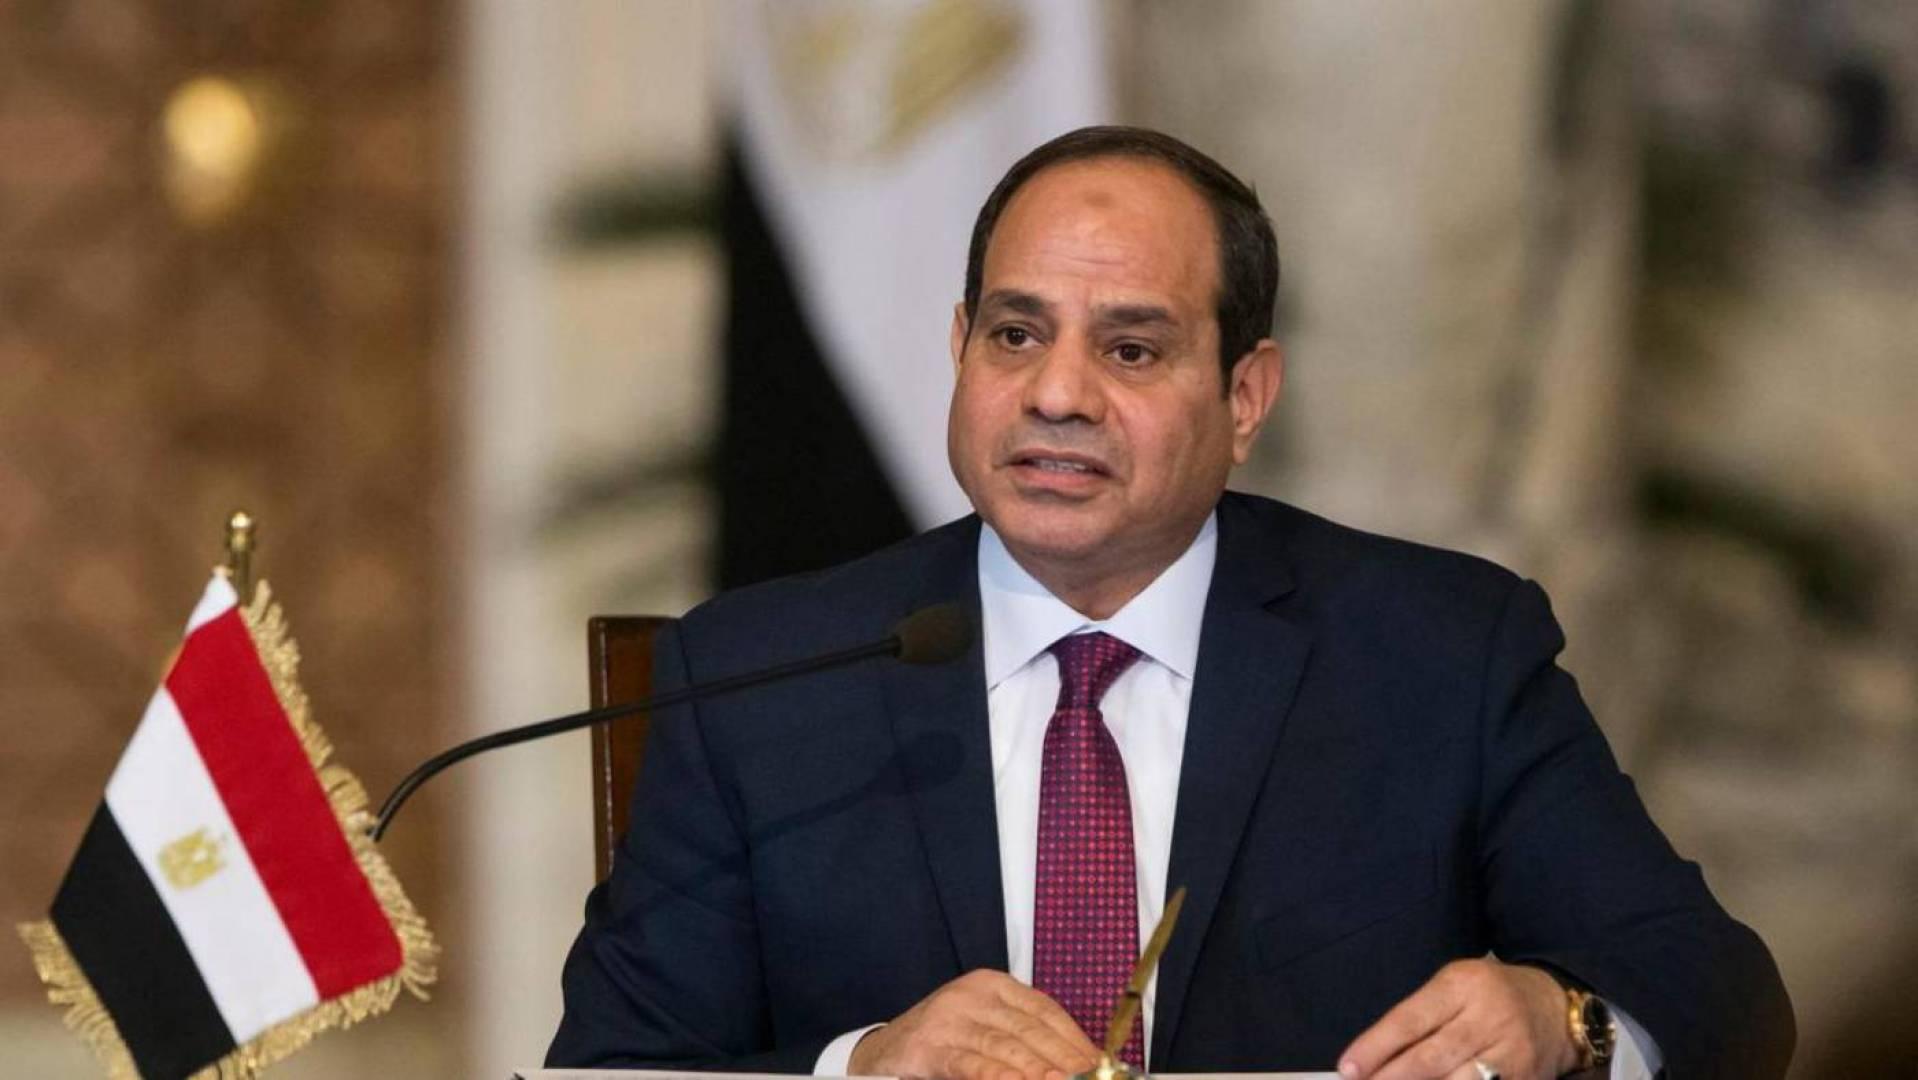 السيسي يُحذر مجدداً من تداعيات عدم الاستقرار ومن محاولات تدمير مصر